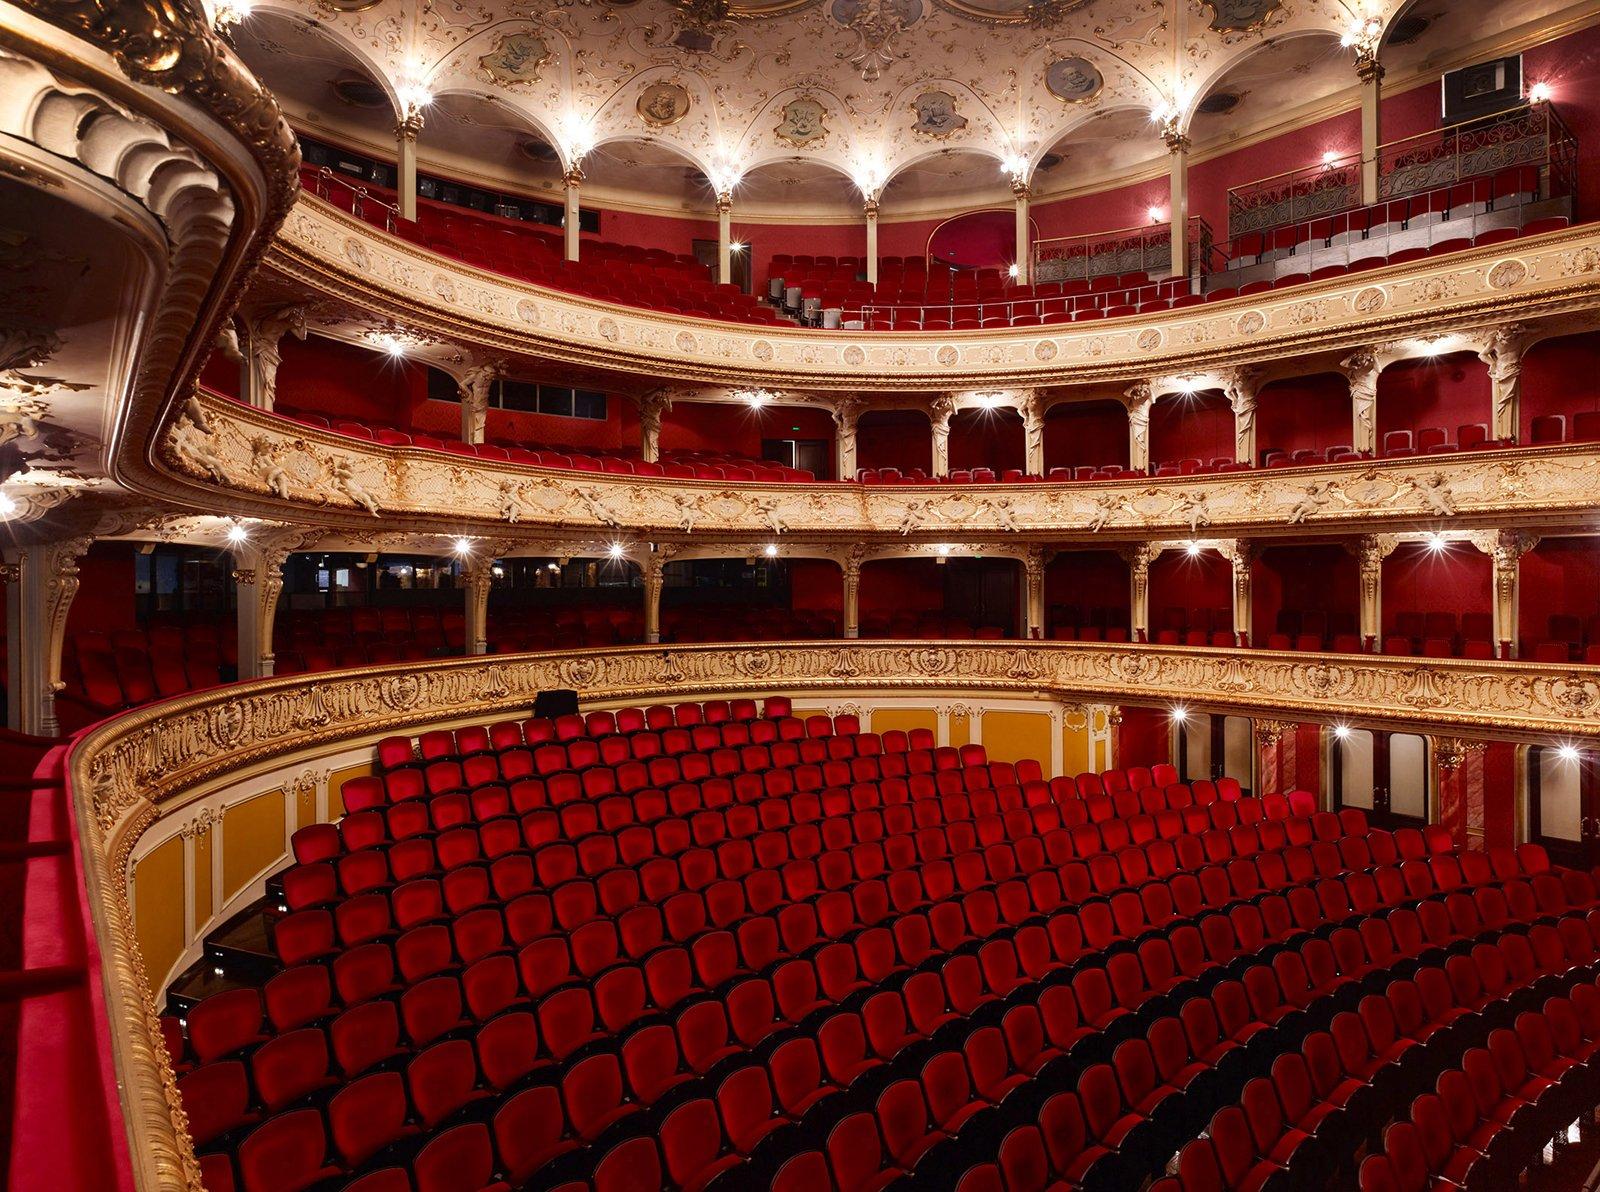 Das Züricher Opernhaus stammt aus dem Jahr 1891. Ursprünglich wurde es als Sprechtheater konzipiert. Es verfügt über mehrere Etagen.